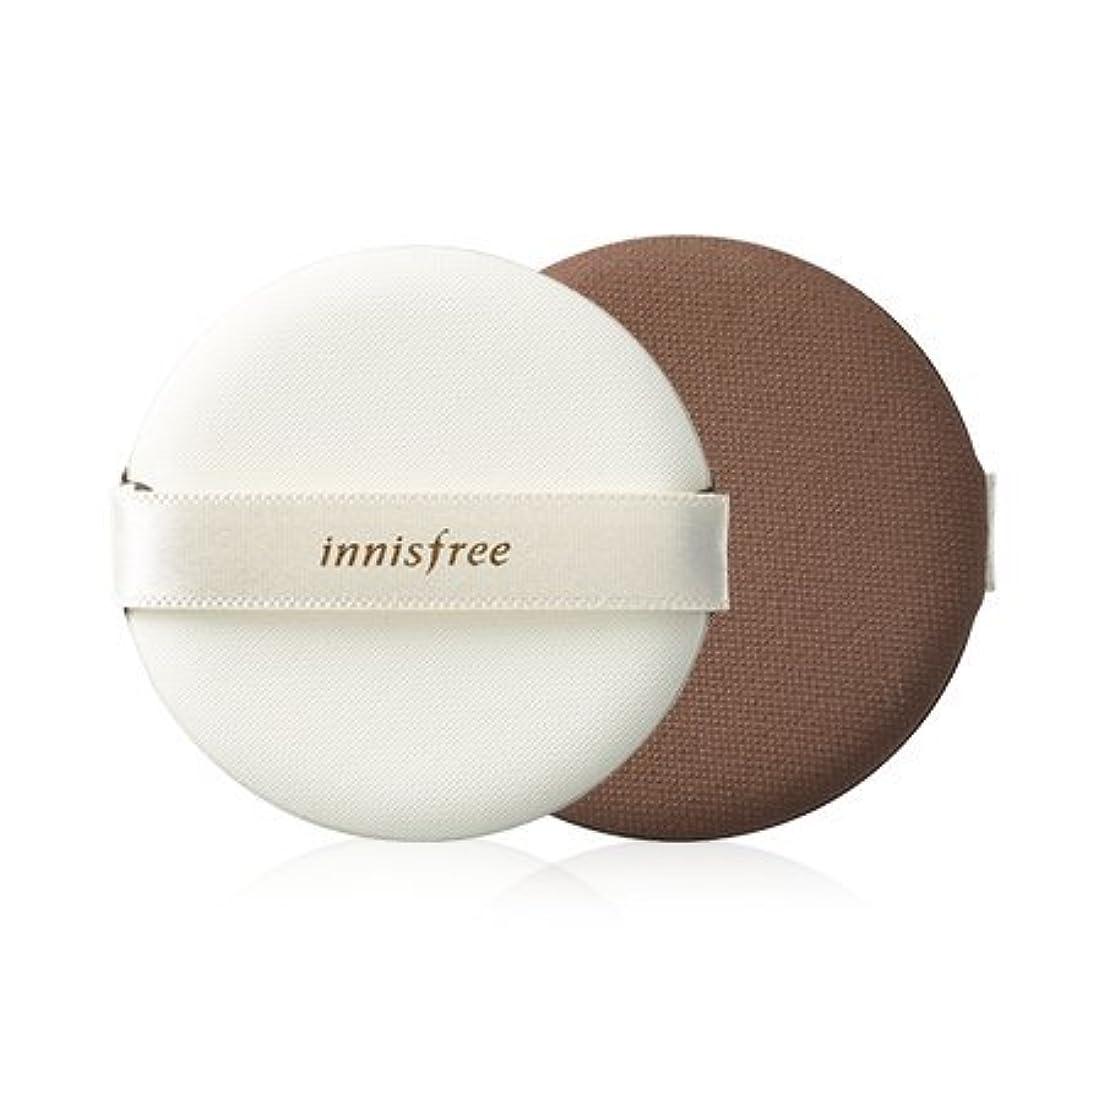 ブランクスリッパ勘違いする【イニスフリー】Innisfree beauty tool air magic puff fitting x10 (韓国直送品) (SHOPPINGINSTAGRAM)